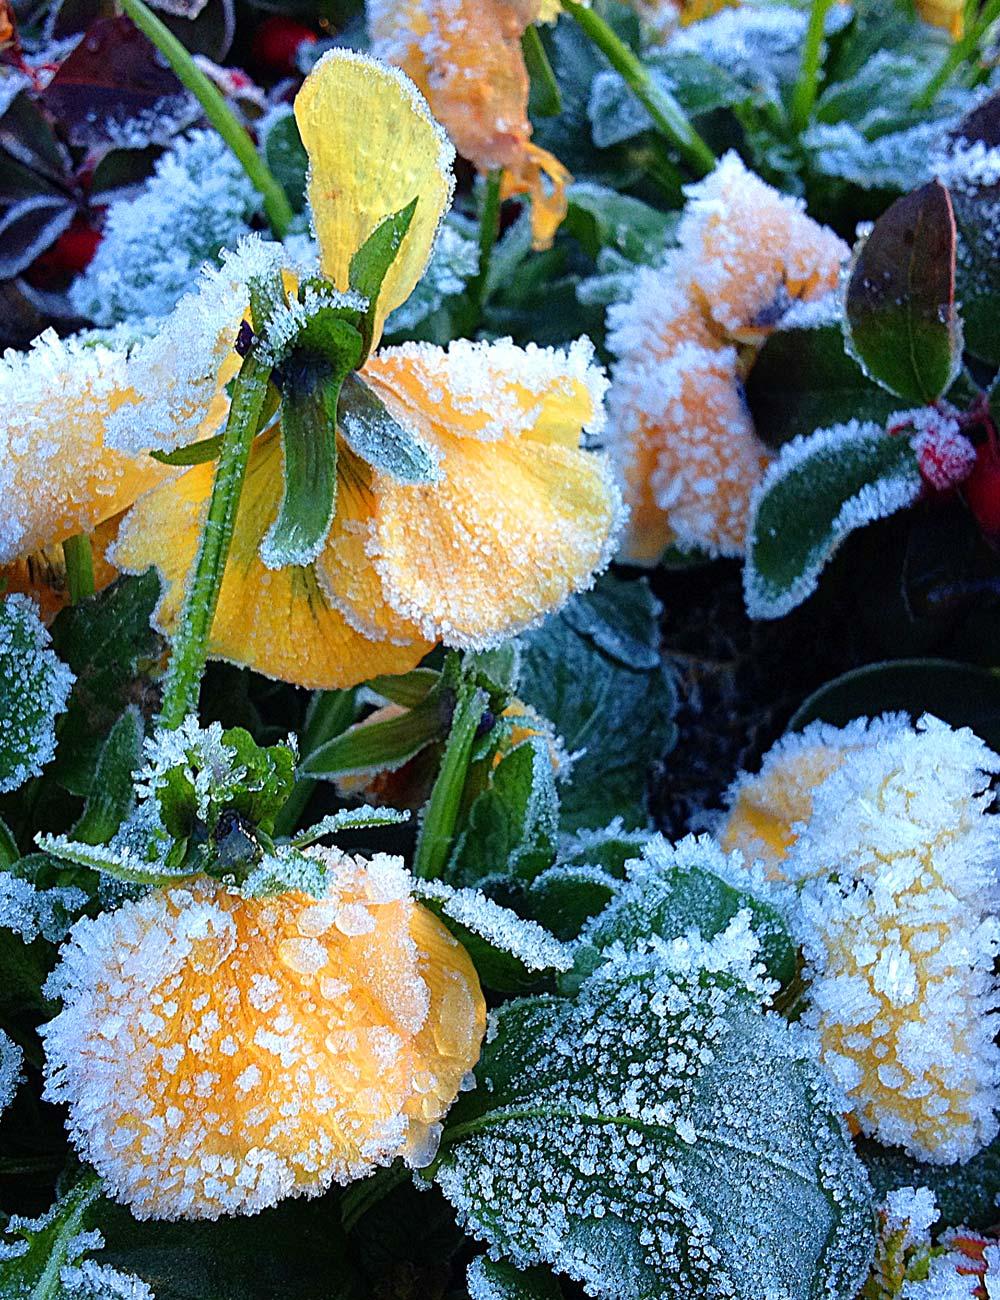 Zima w ogrodzie. Jak przygotować ogród do zimy?